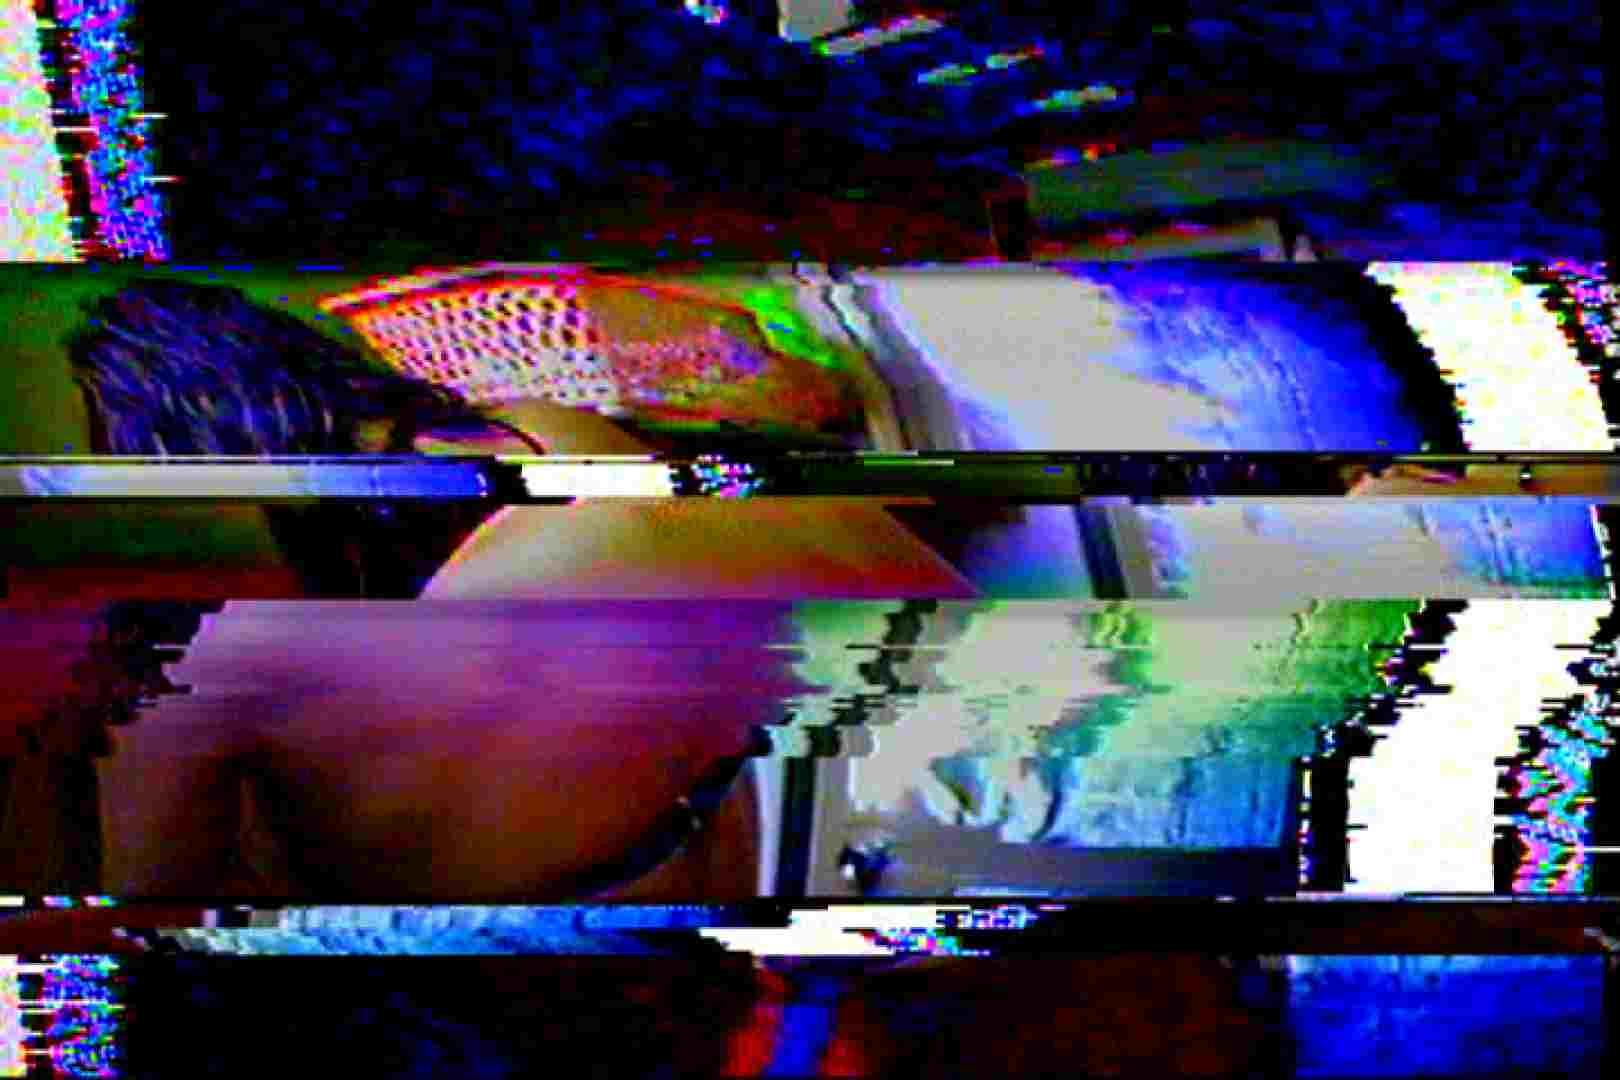 海の家の更衣室 Vol.56 高画質 セックス画像 75画像 21